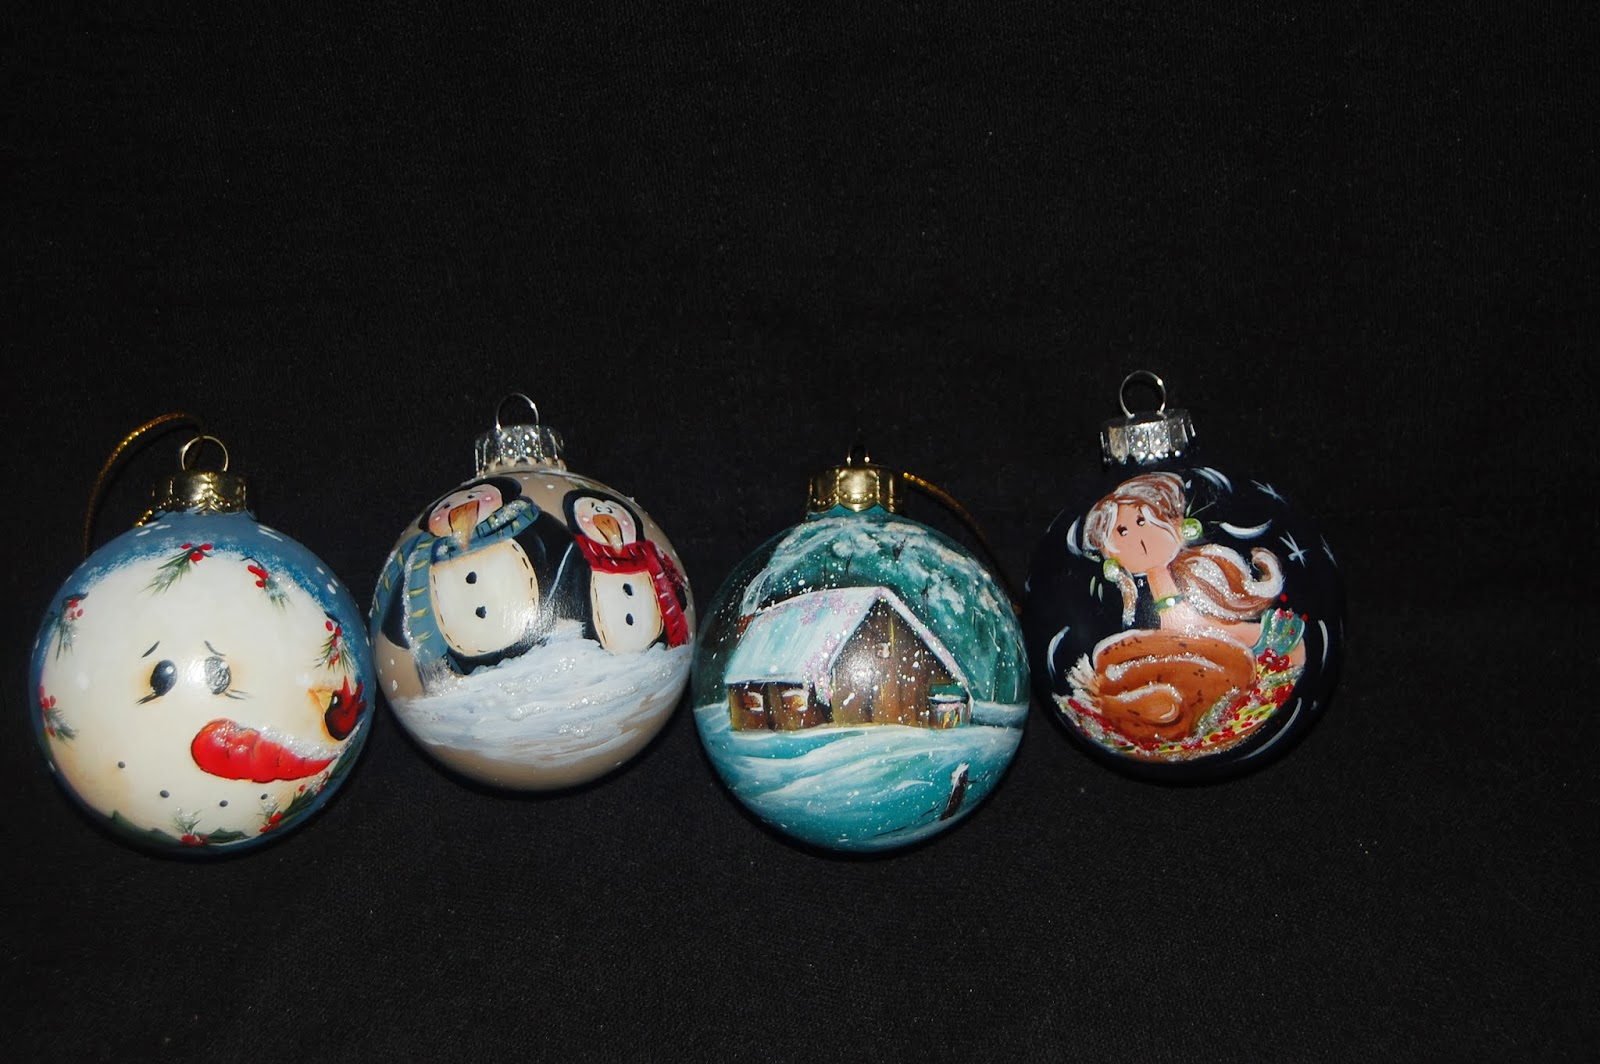 Les bidouilles blog de peinture d corative les boules de no l - Peinture de noel ...